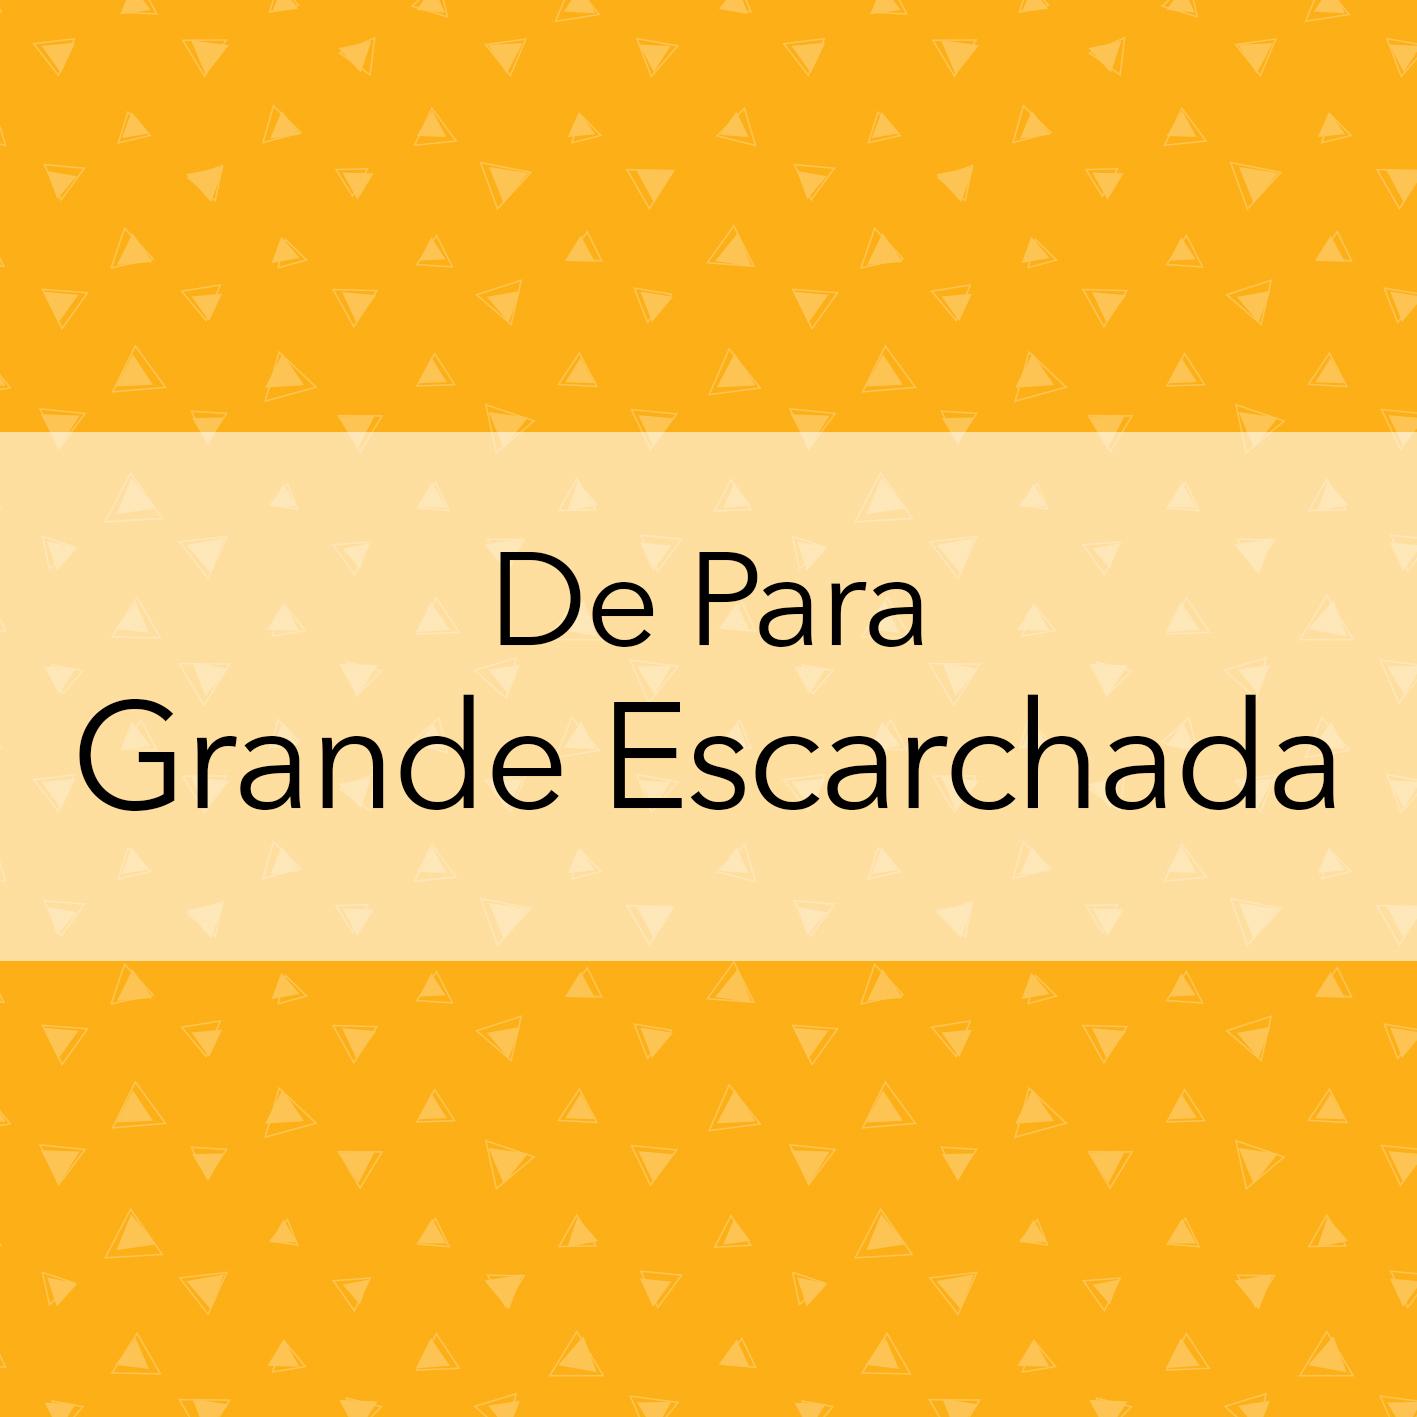 DE PARA GRANDE ESCARCHADA